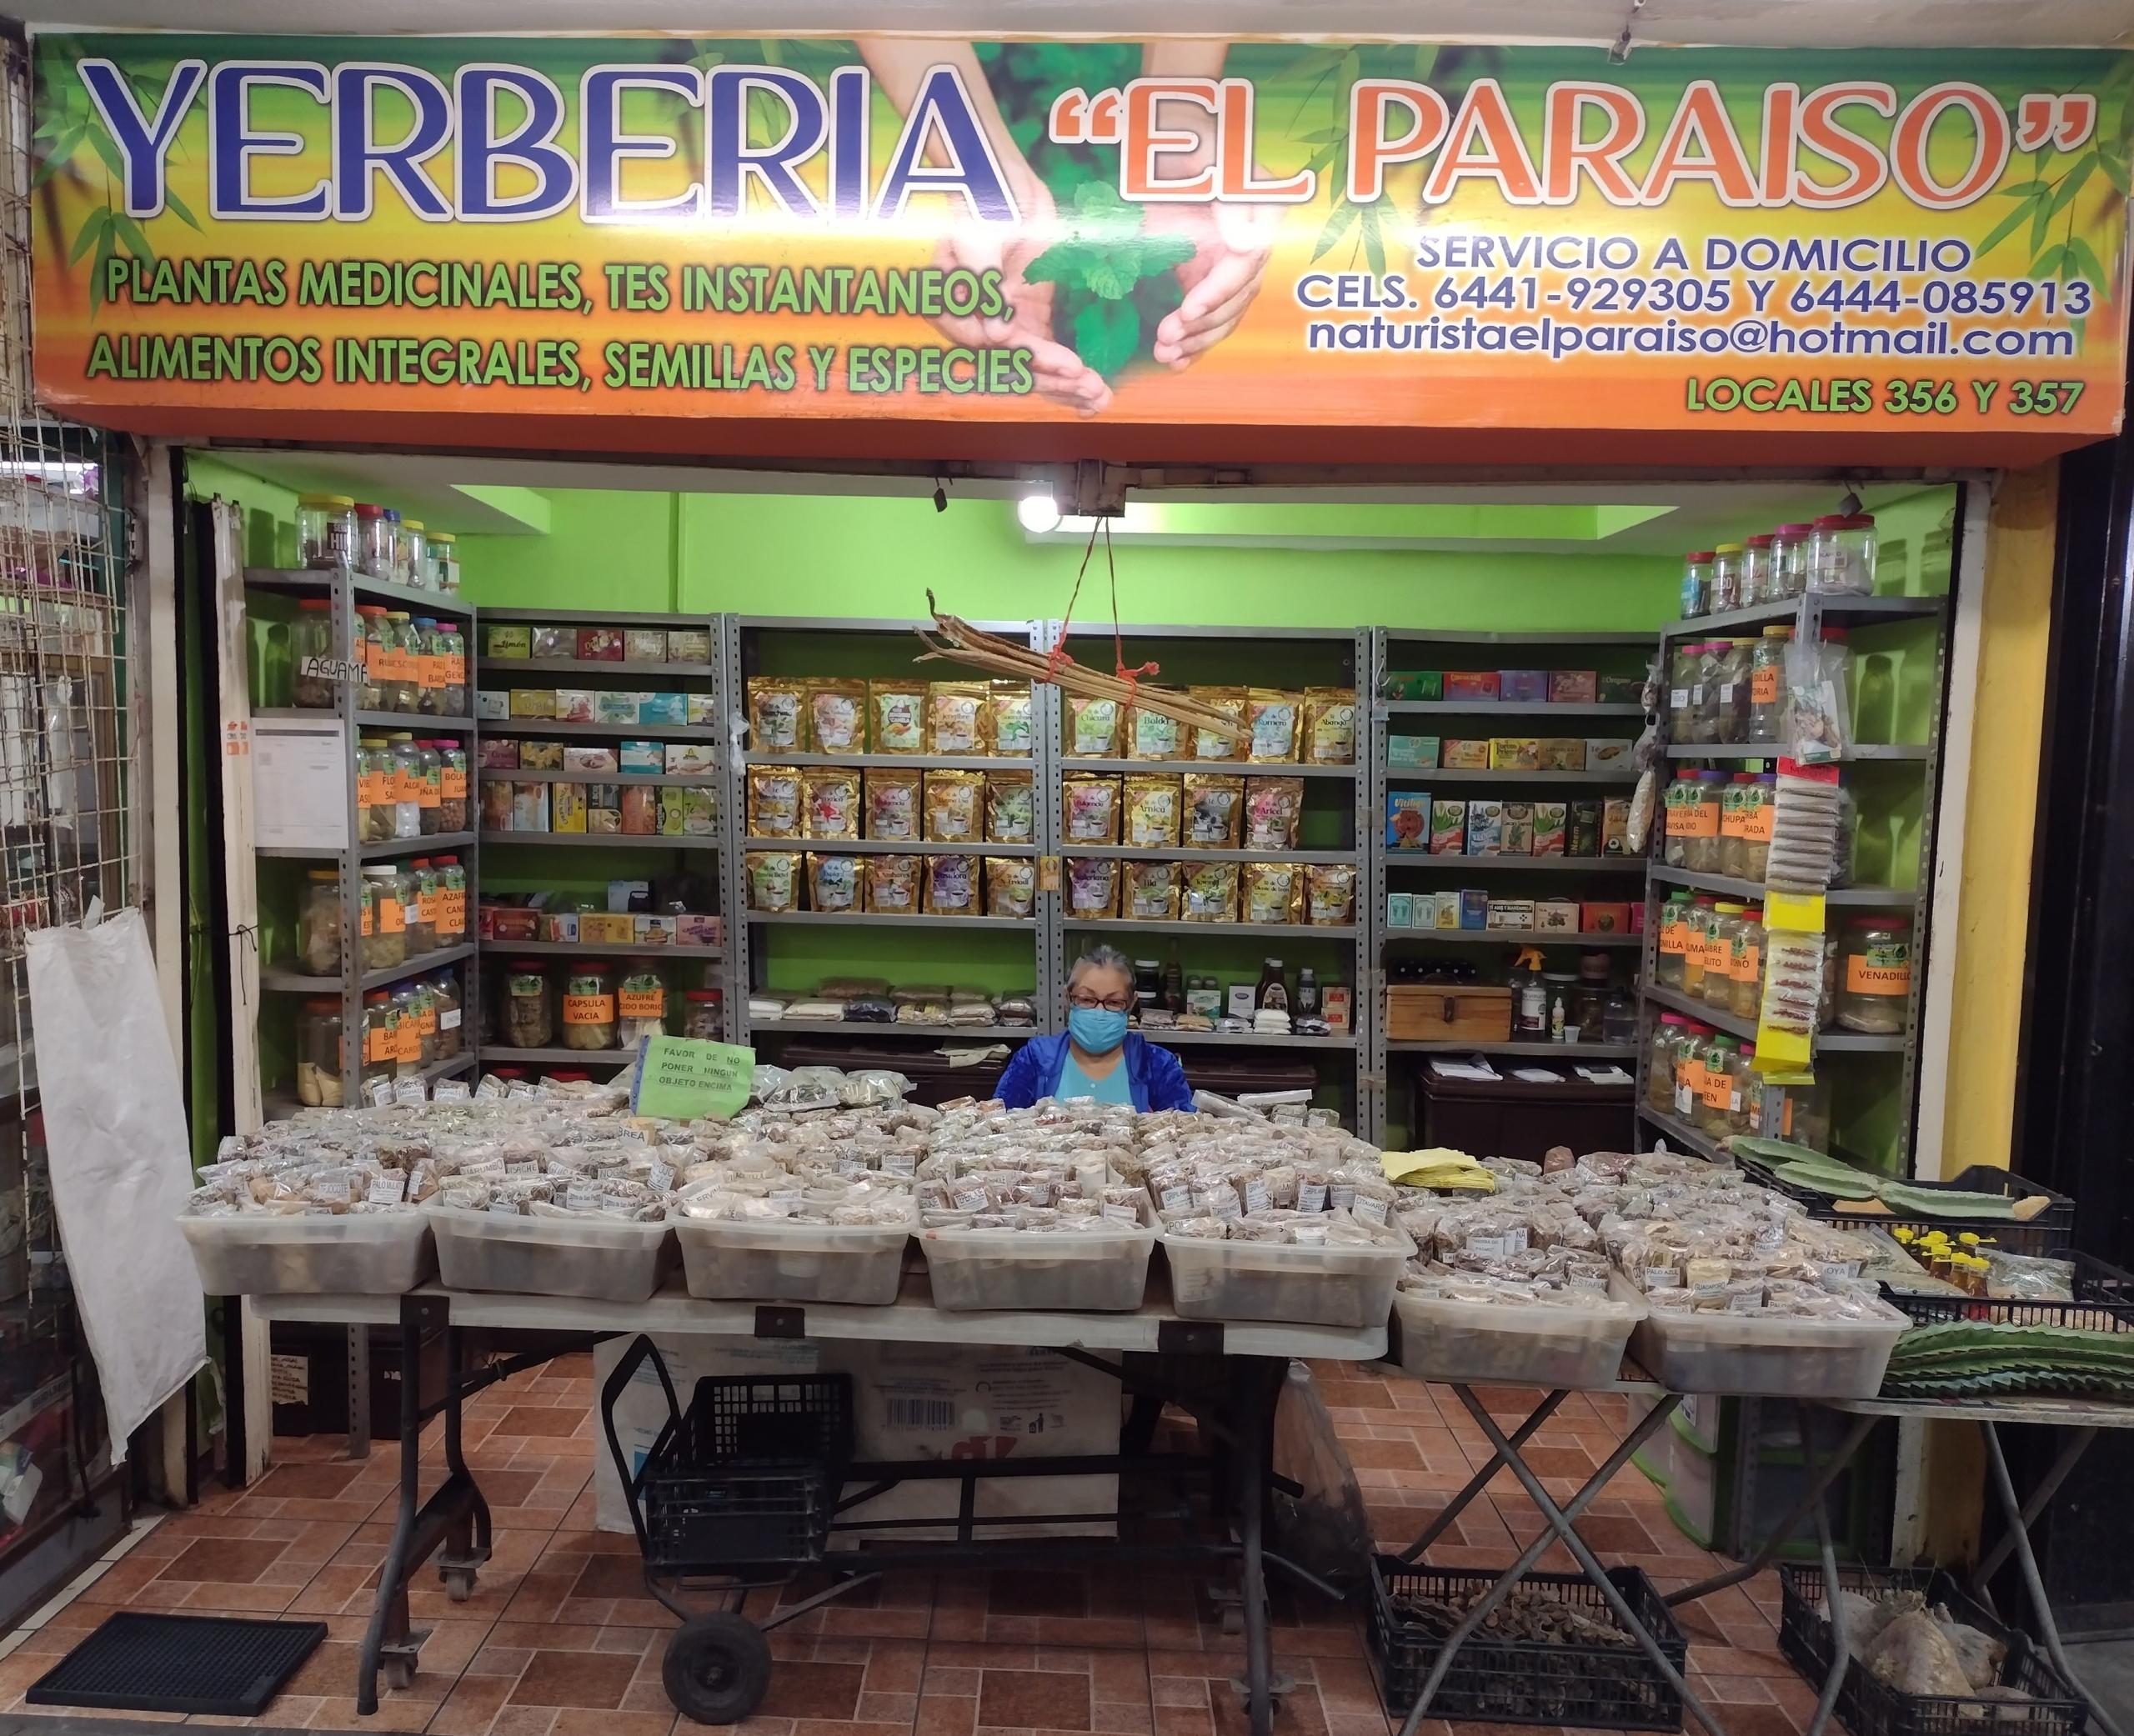 Naturista y Hierberia el Paraiso